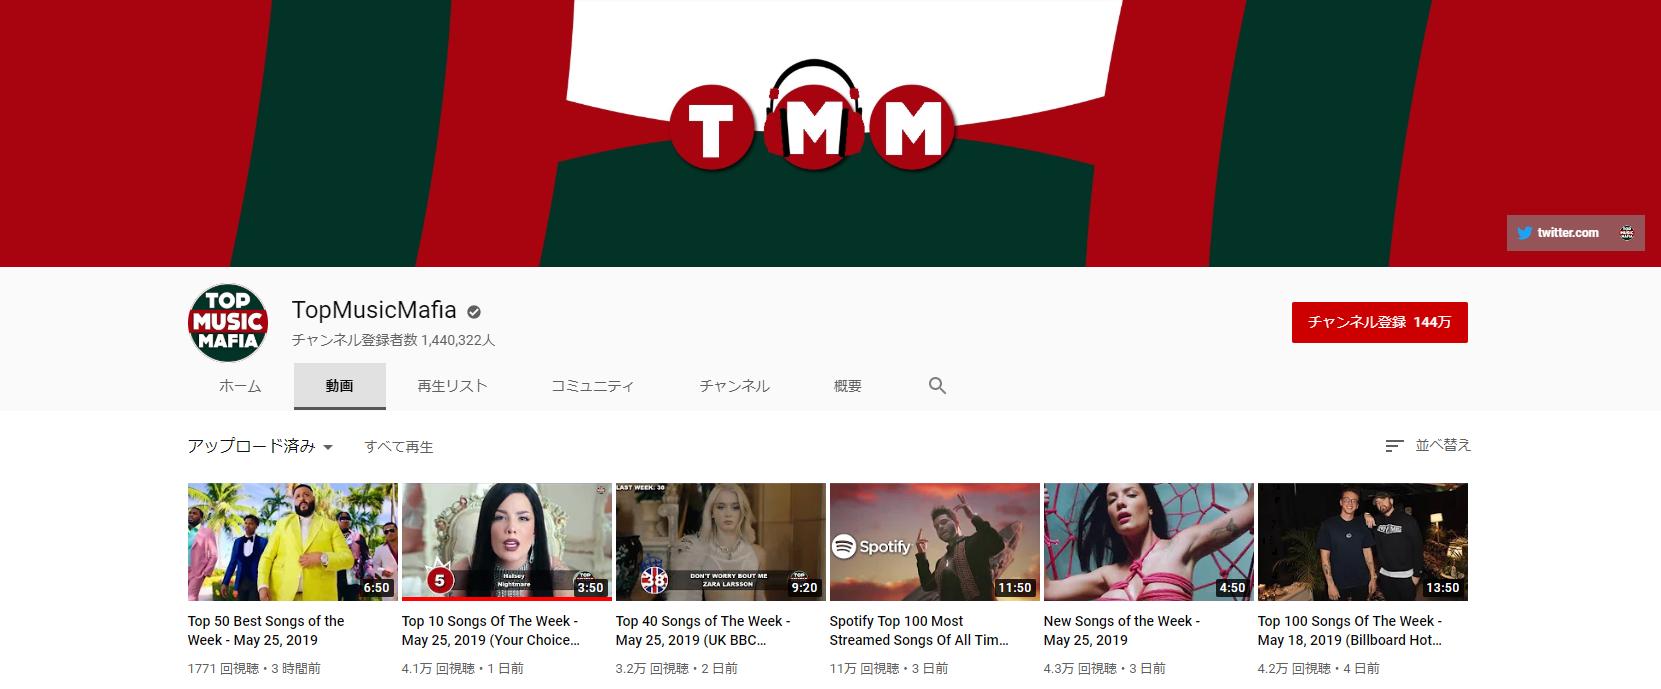 チャンネル-TMM